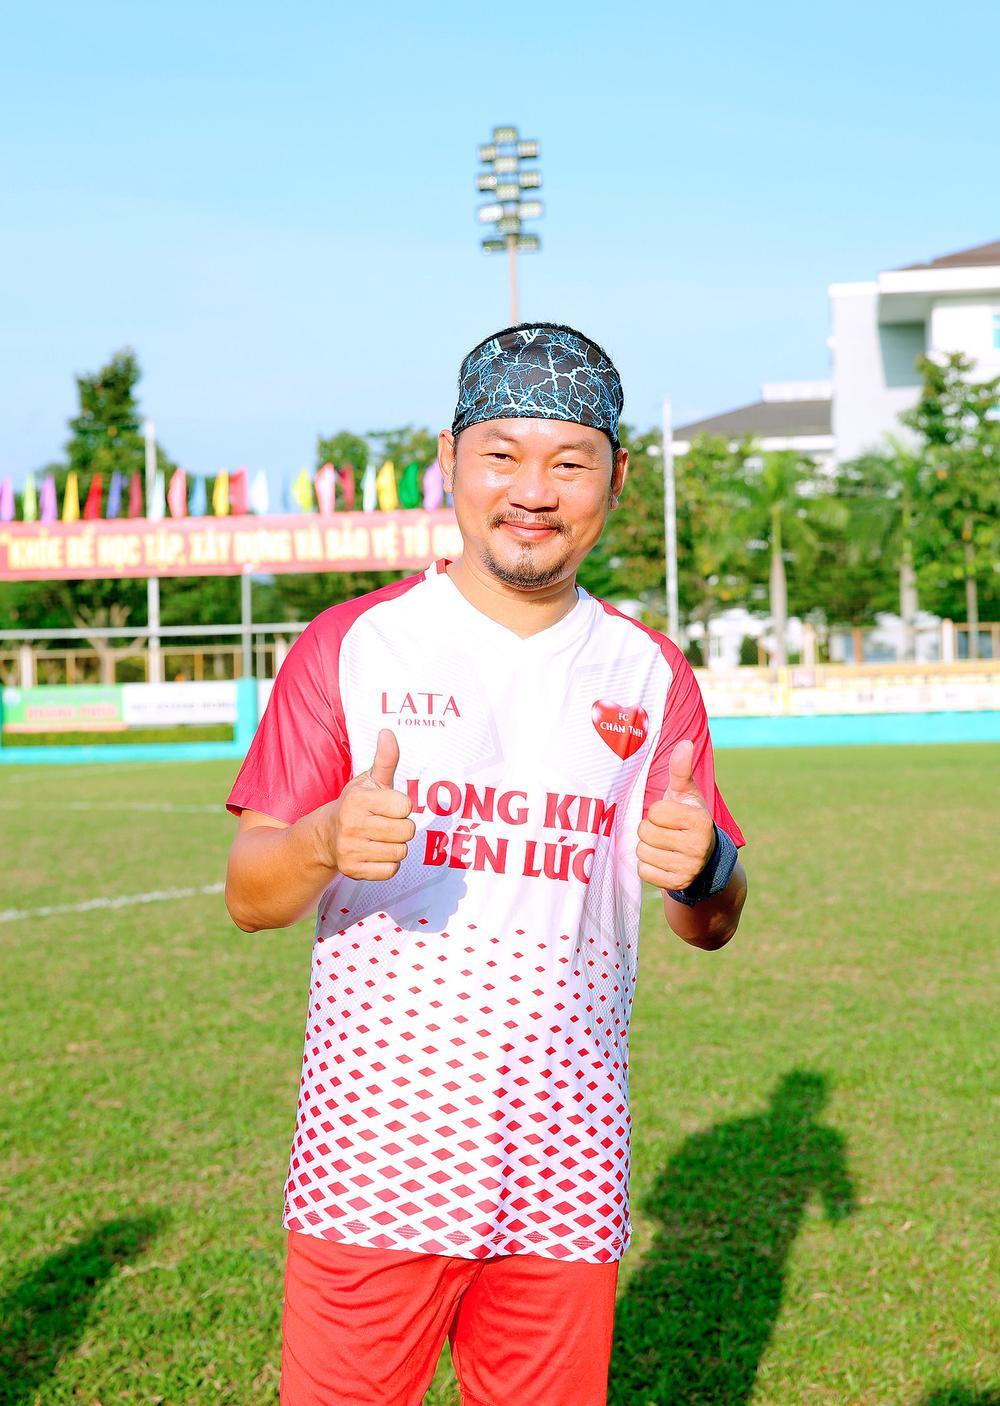 Lâm Vũ, Hoàng Sơn tổ chức trận bóng gây quỹ, quyên góp hơn 300 triệu ủng hộ miền Trung Ảnh 5